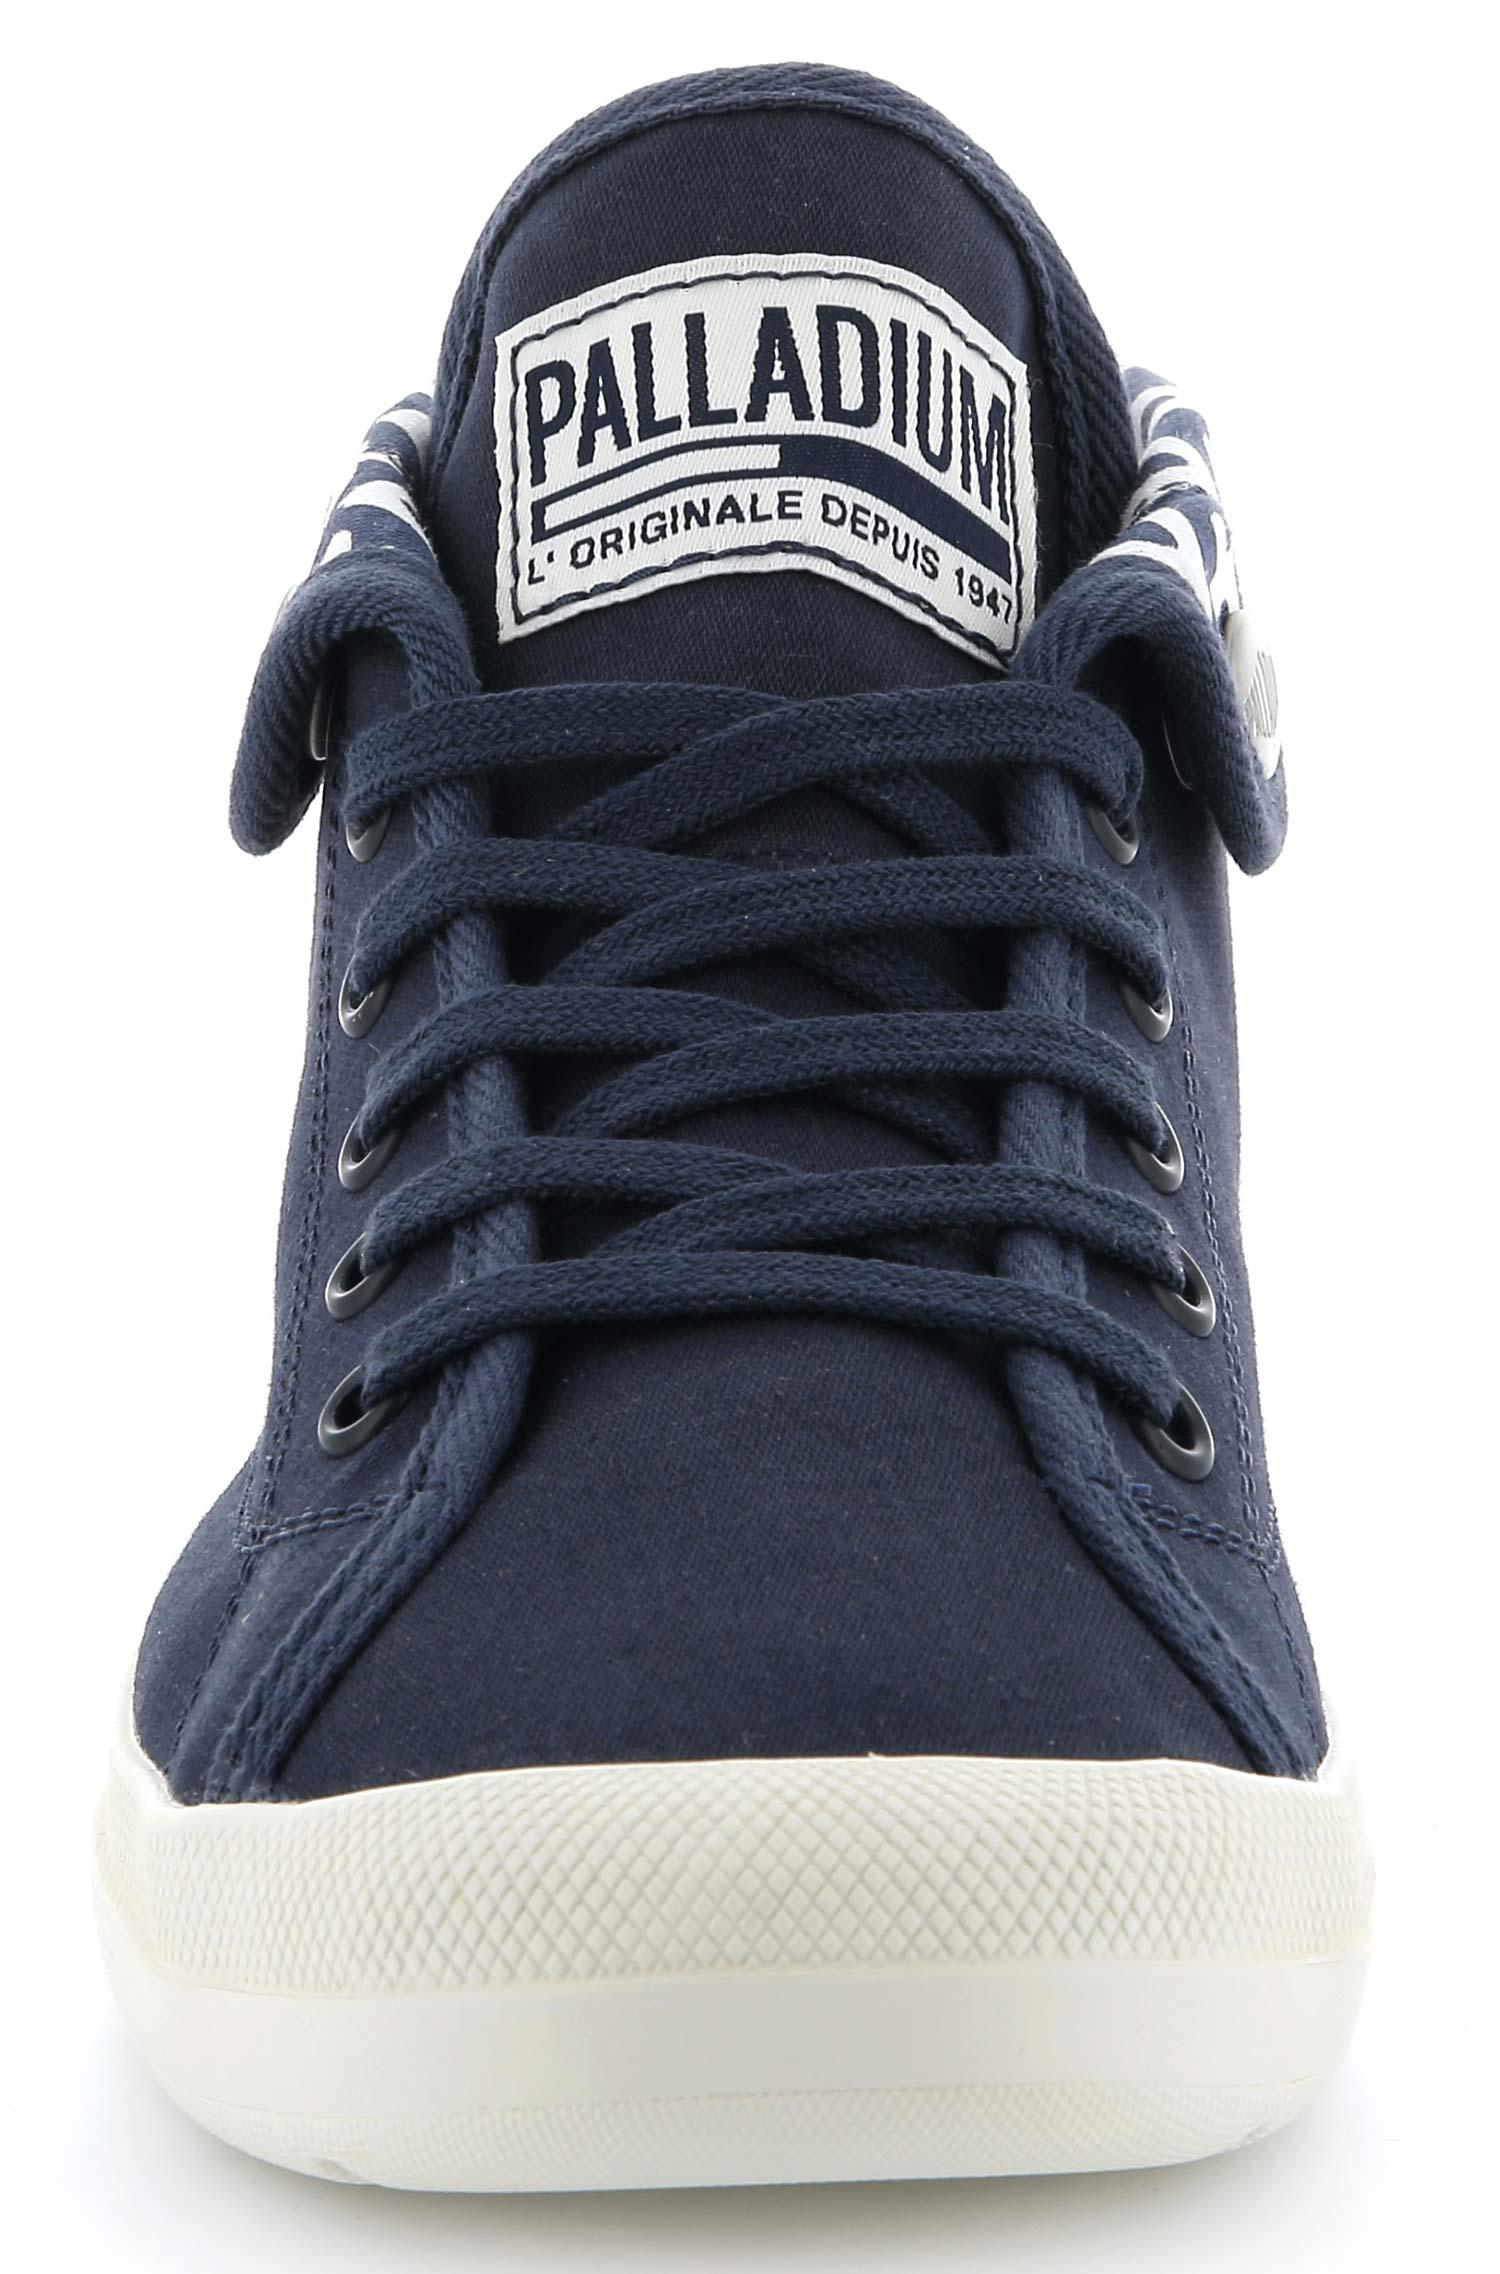 Palladium-ADVENTURE-Botas-mujer-Zapatos-Informales-Botas-95680-416-m-azul-NUEVO